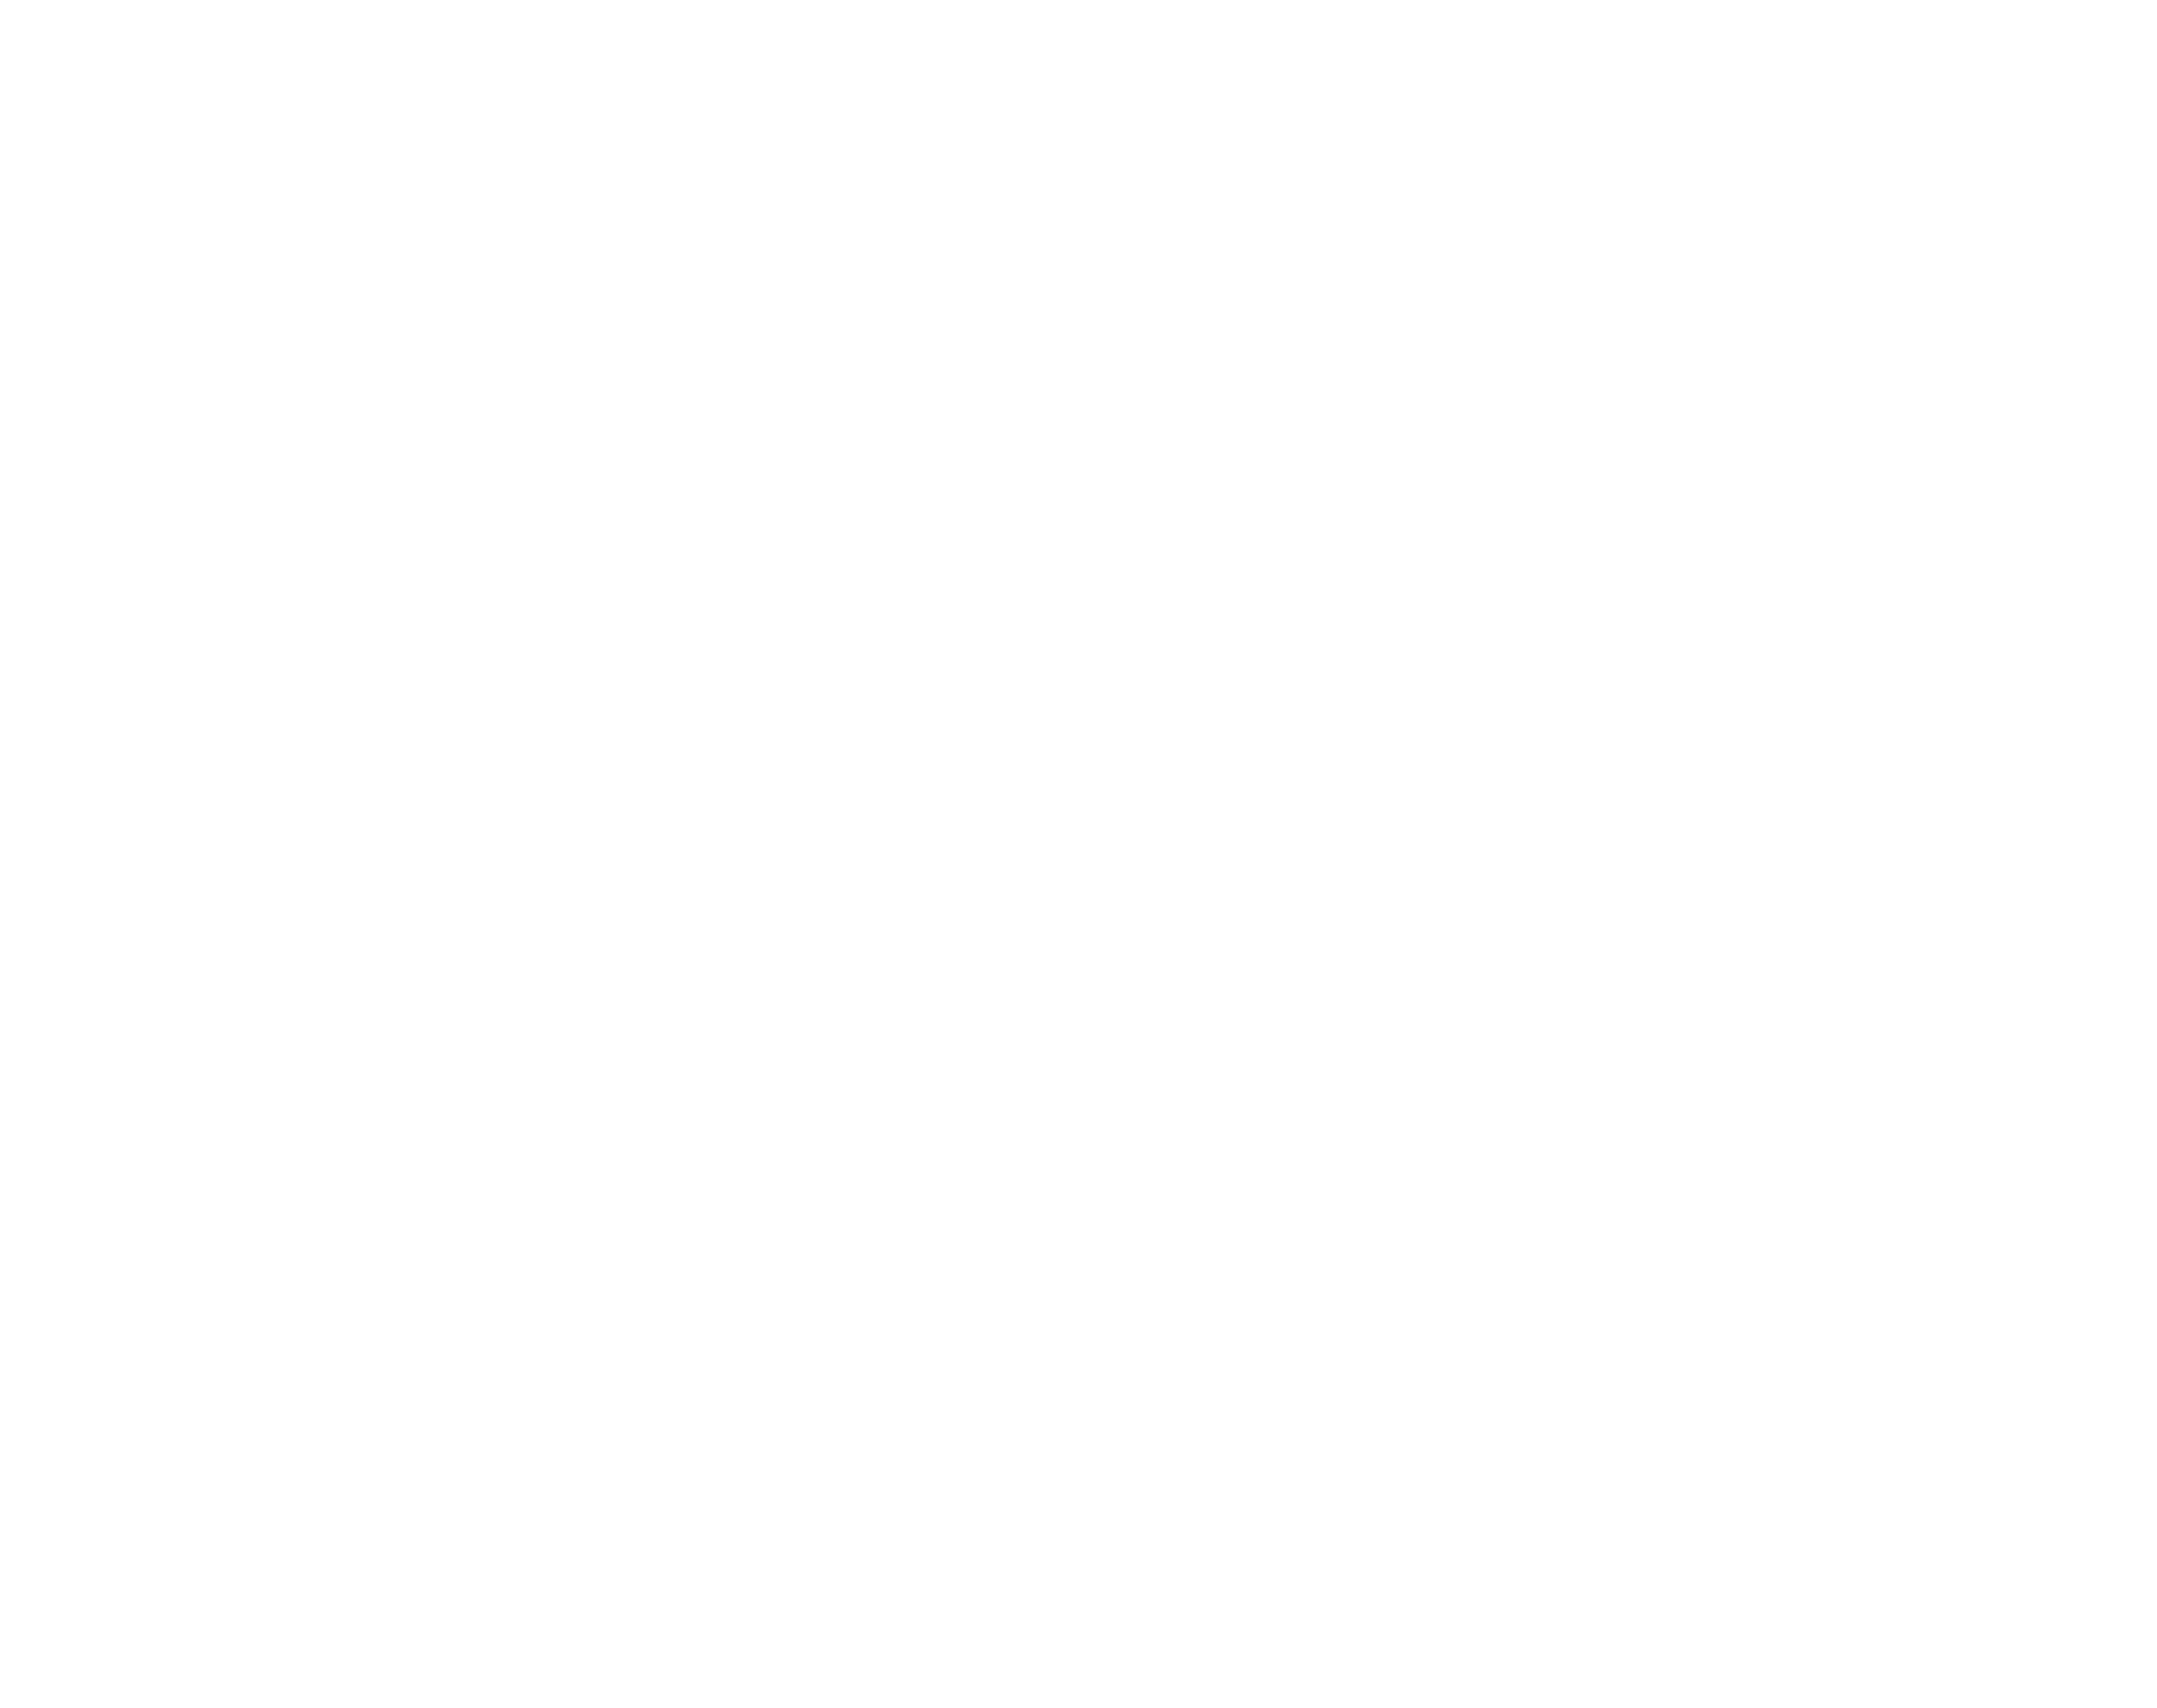 Proposta d'un nou model d'horari per a l'escola d'avui: promou la salut, el benestar i l'aprenentatge dels infants i adolescents, amplia les oportunitats educatives de l'alumnat integrant activitats lectives i opcionals dins d'un mateix projecte educatiu i s'adequa a les necessitats dels projectes d'innovació i transformació pedagògica.